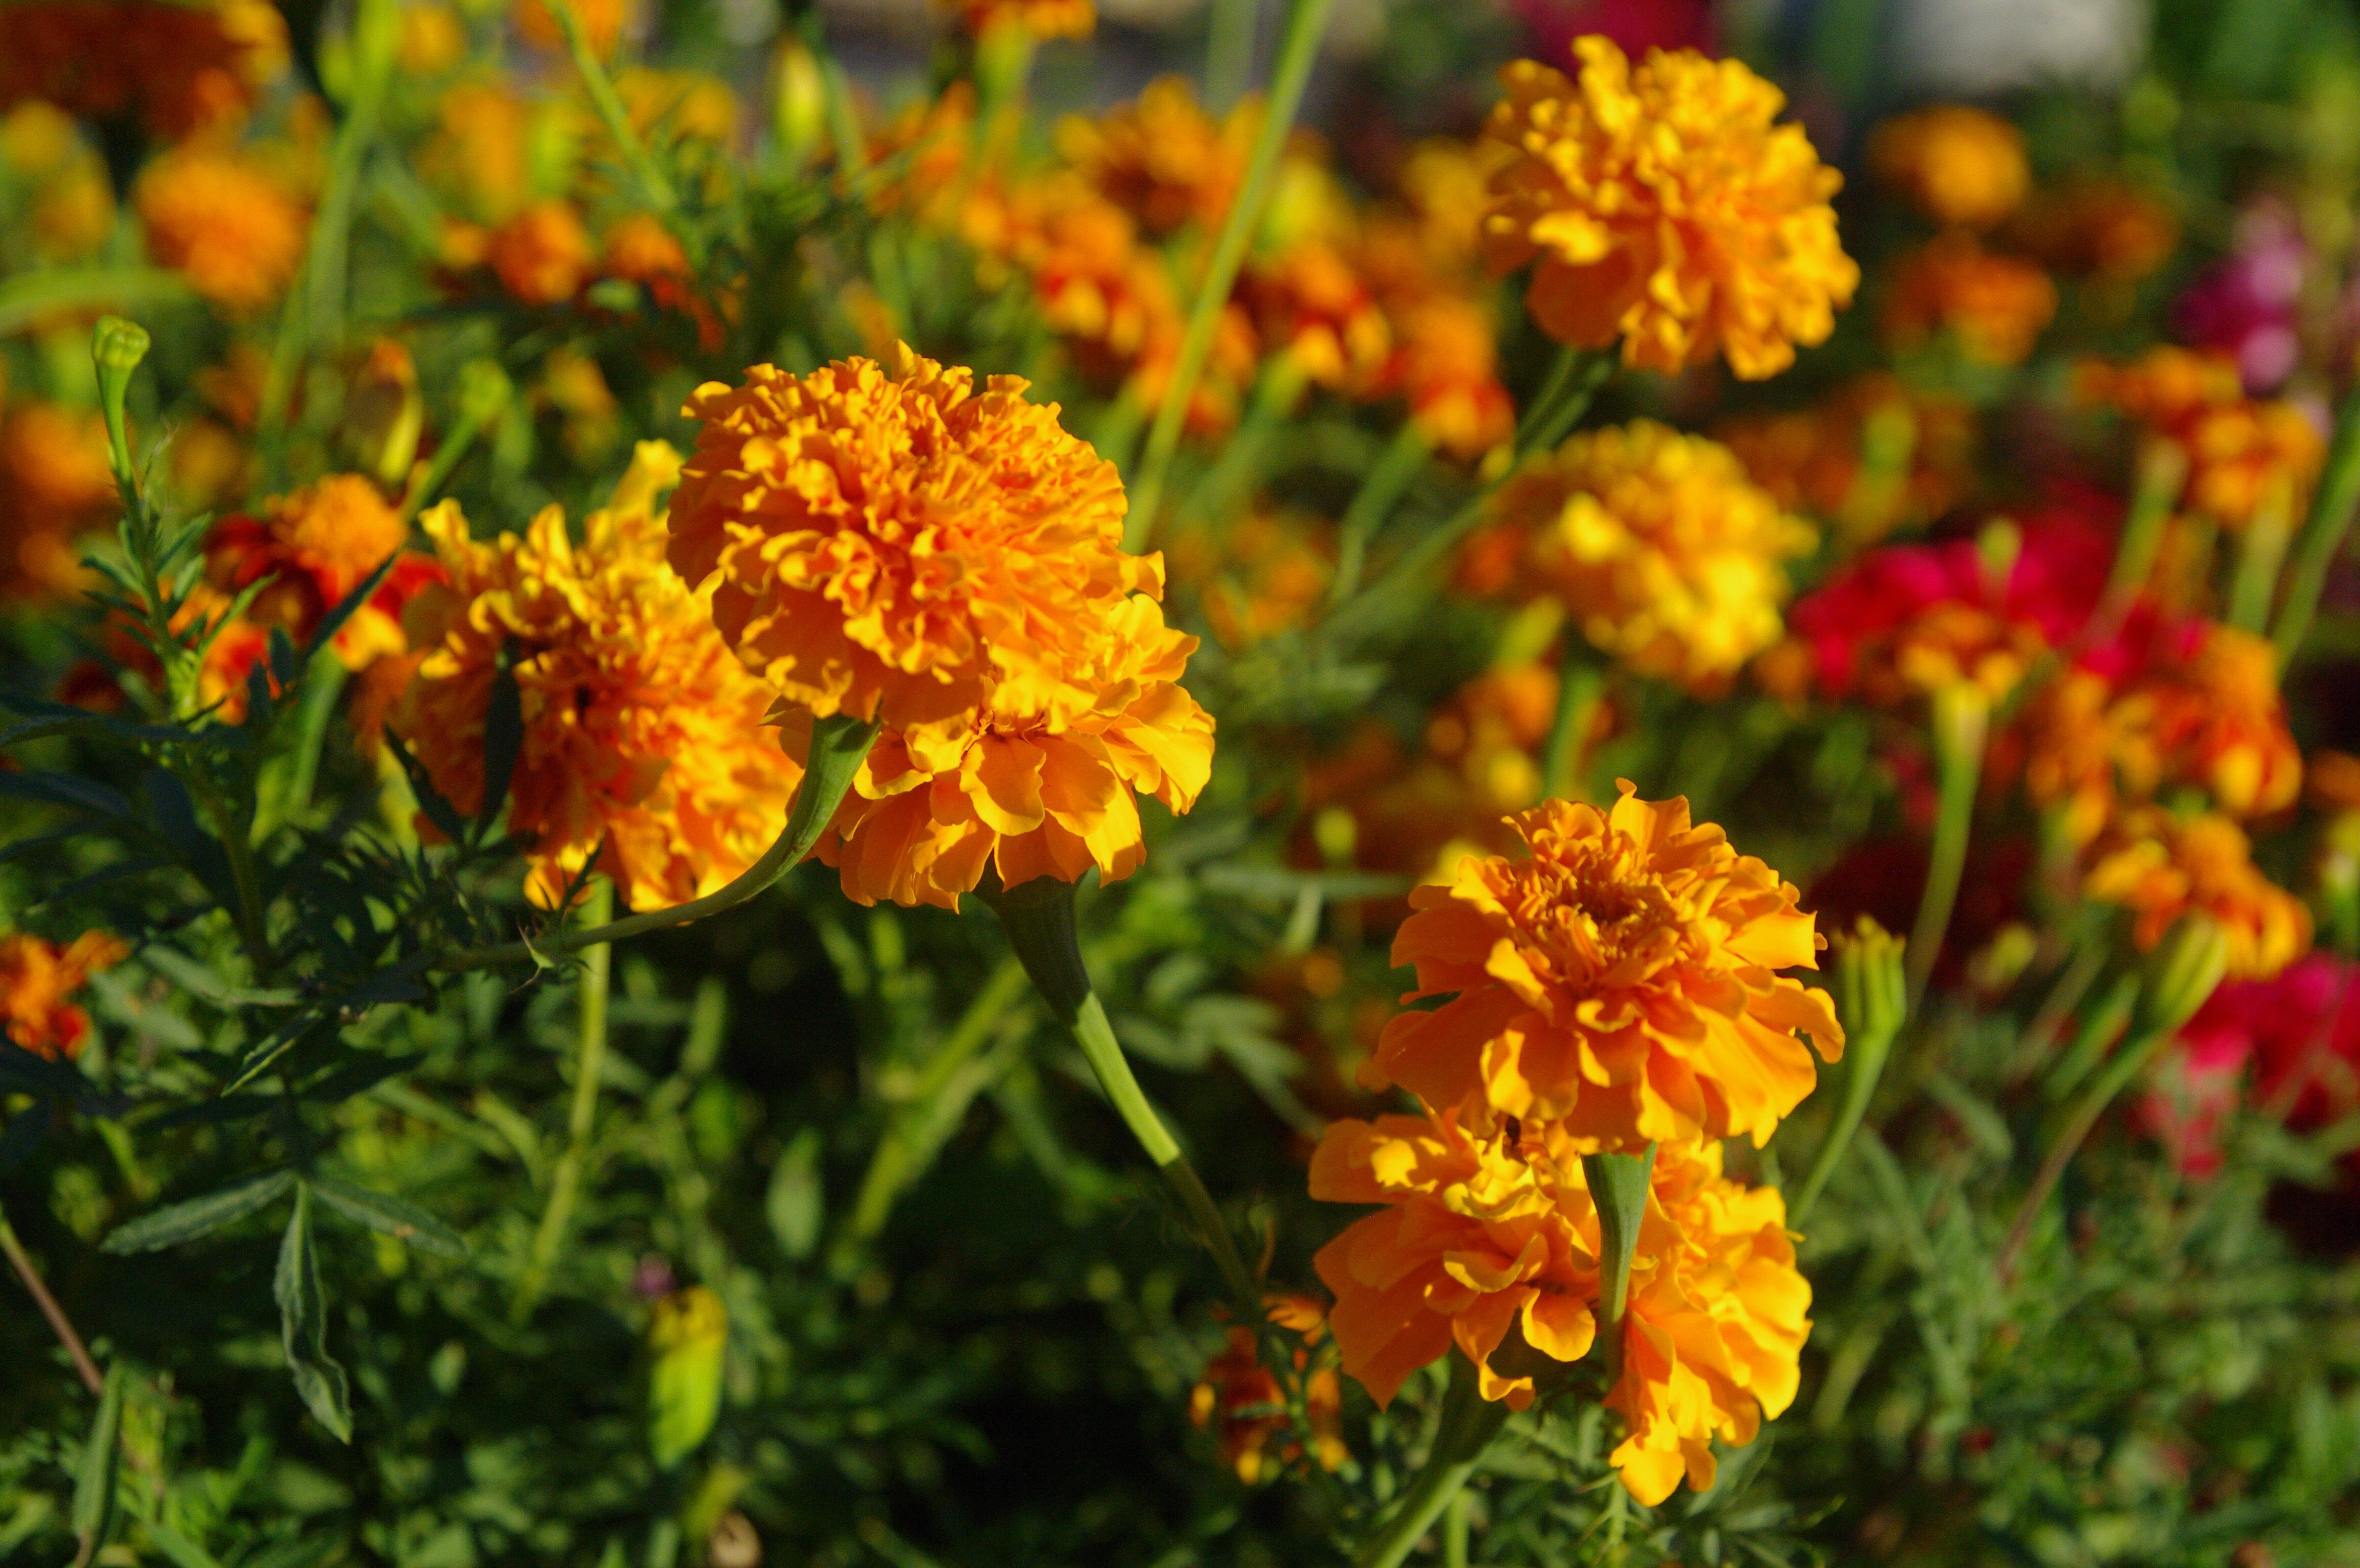 去赏菊吧,给这个秋天增添点仪式感!(附科普)